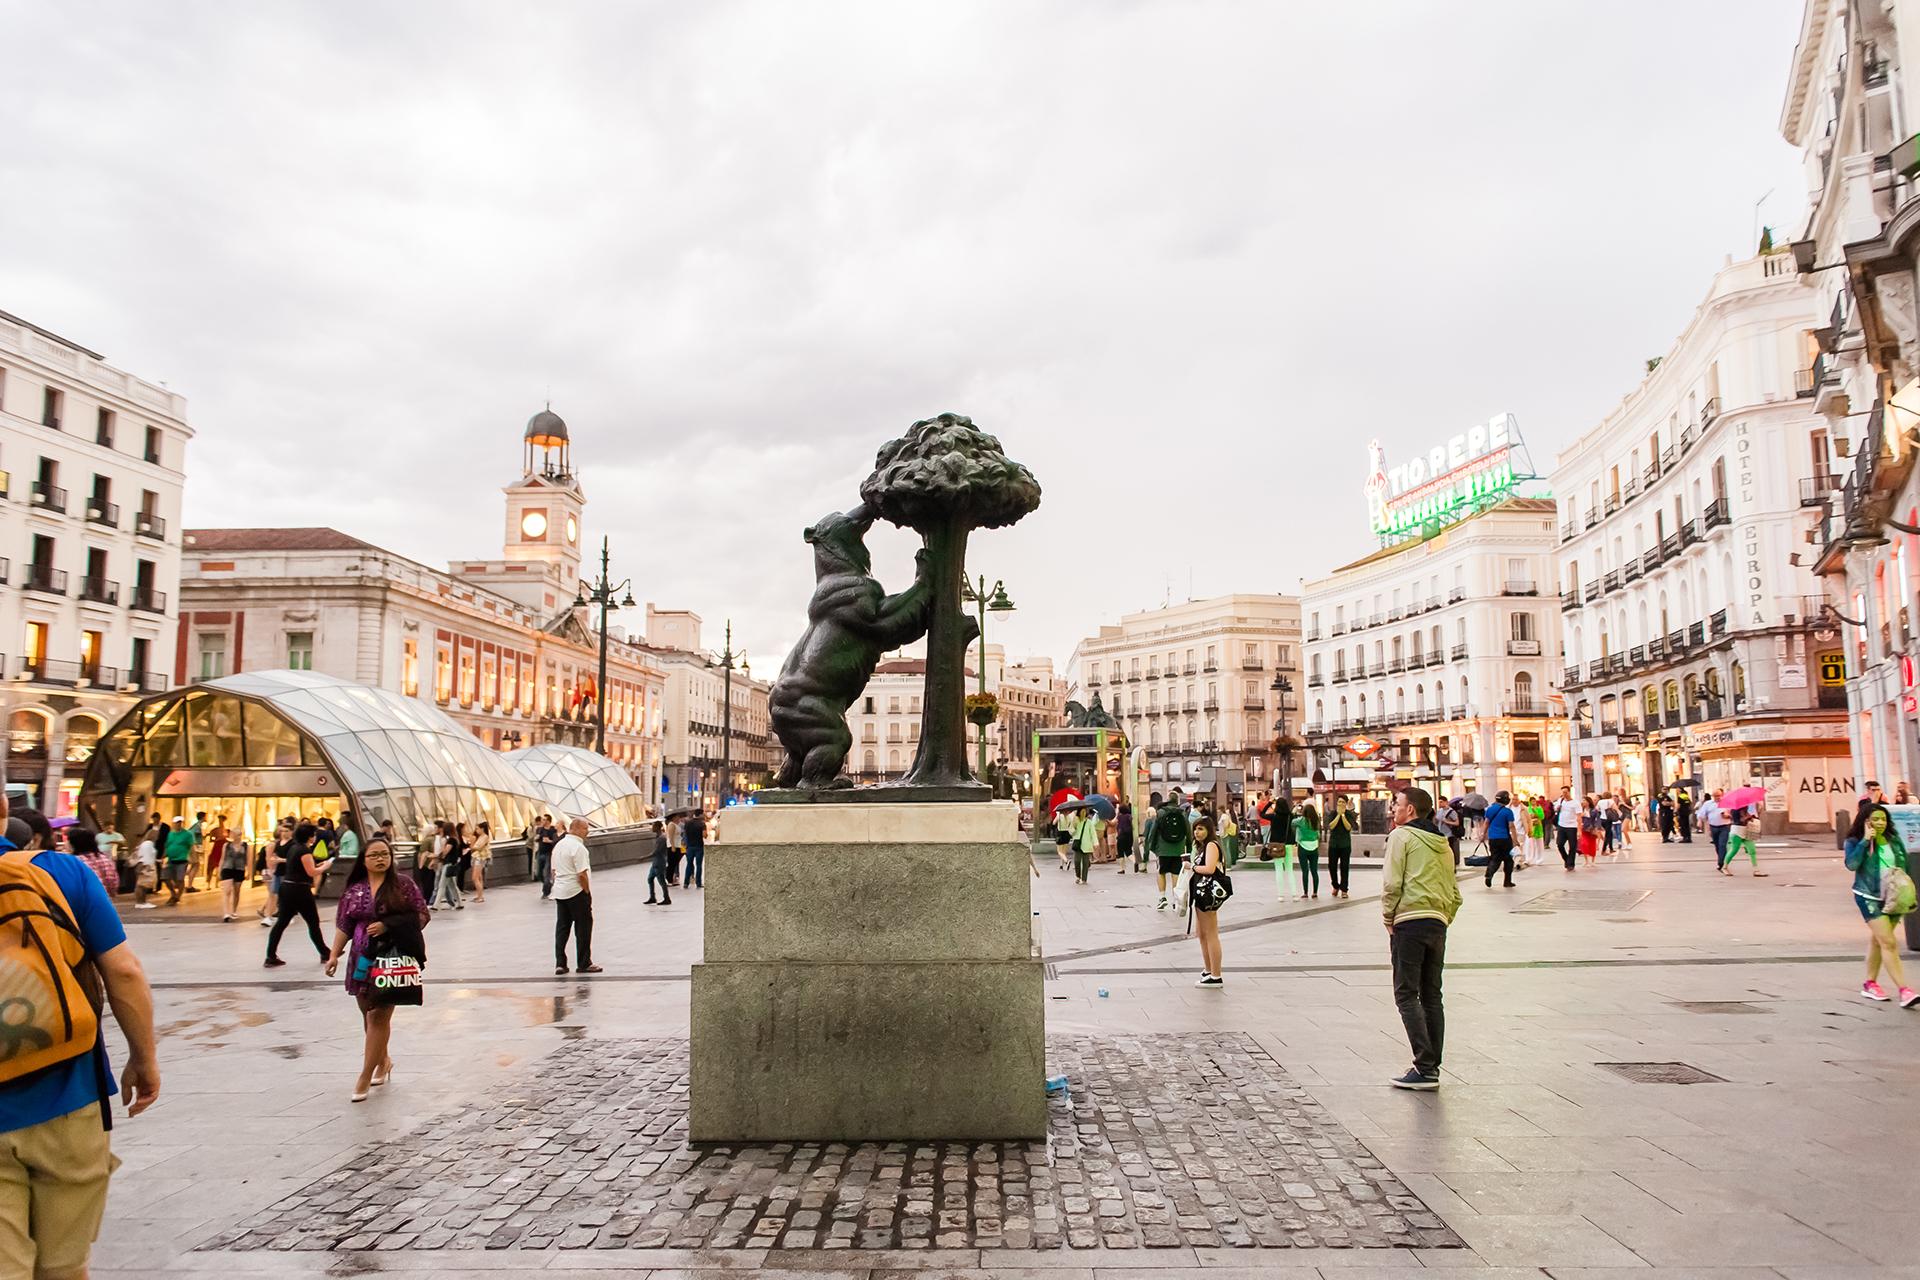 Qué ver y hacer en Madrid - Puerta del Sol | Foto: Vlad Teodor | Dreamstime.com